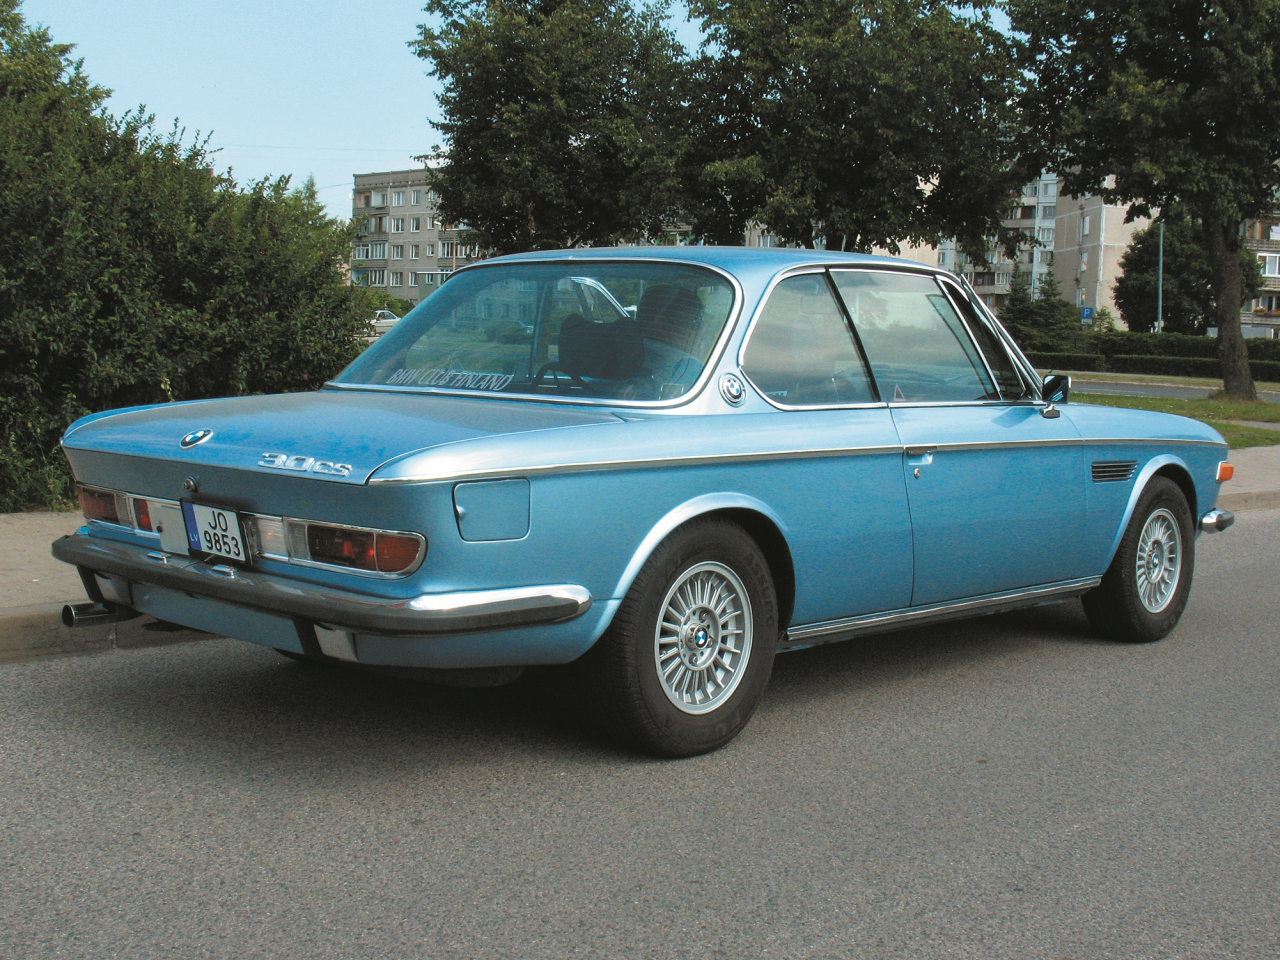 Klasisks vācu 60./70. gadu auto ar lielu bagāžas nodalījumu unmaziem aizmugures lukturiem.